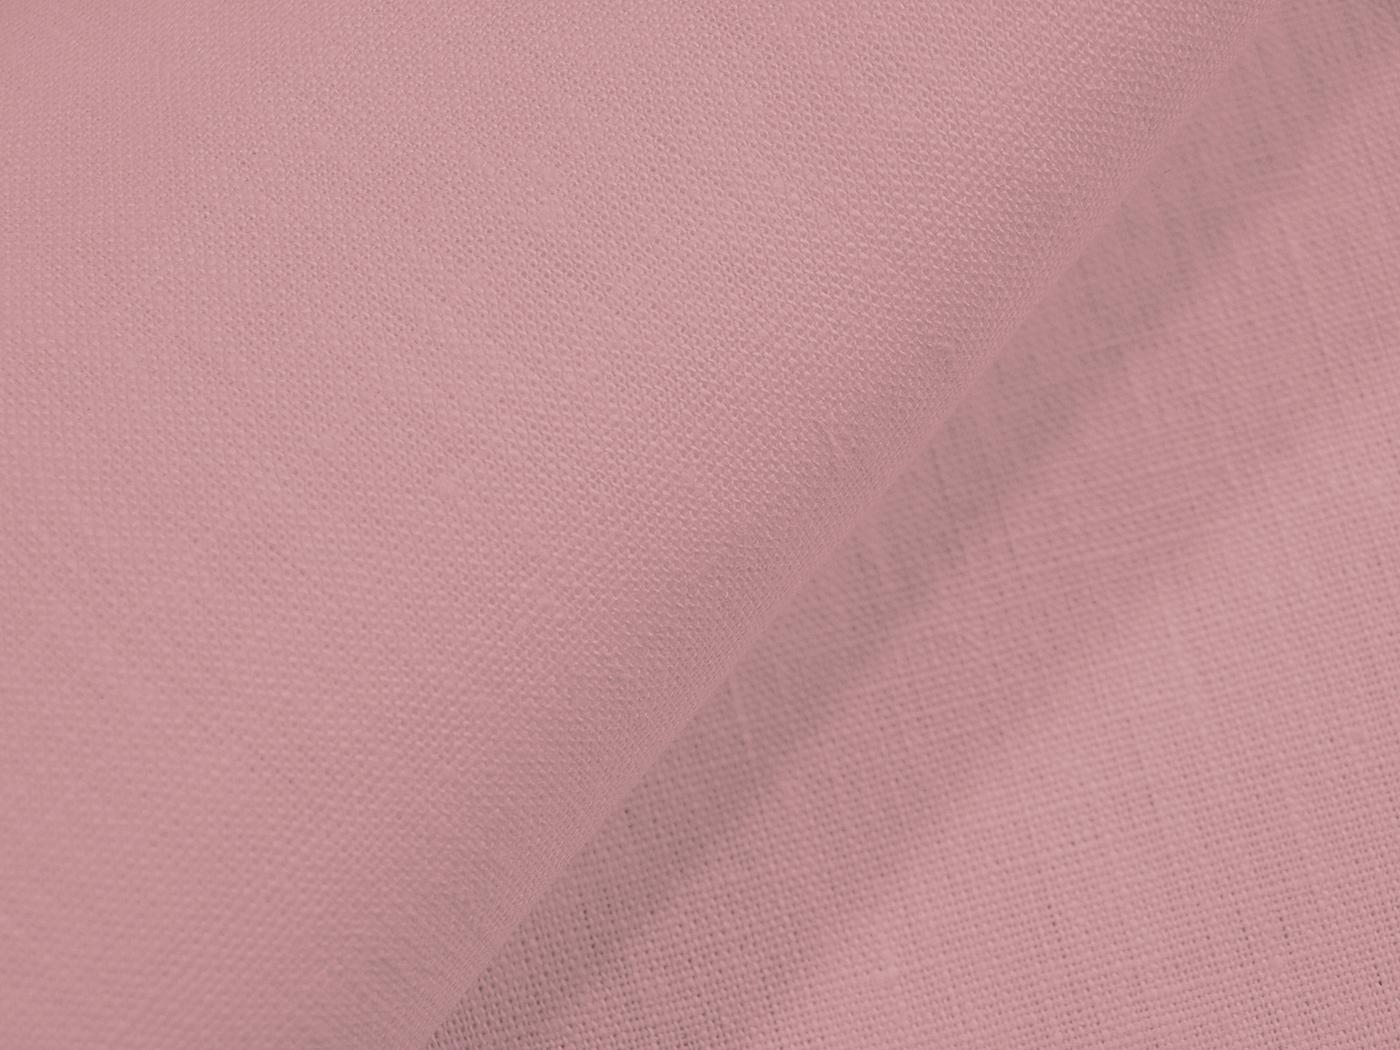 цвет пепельно-розовый фото